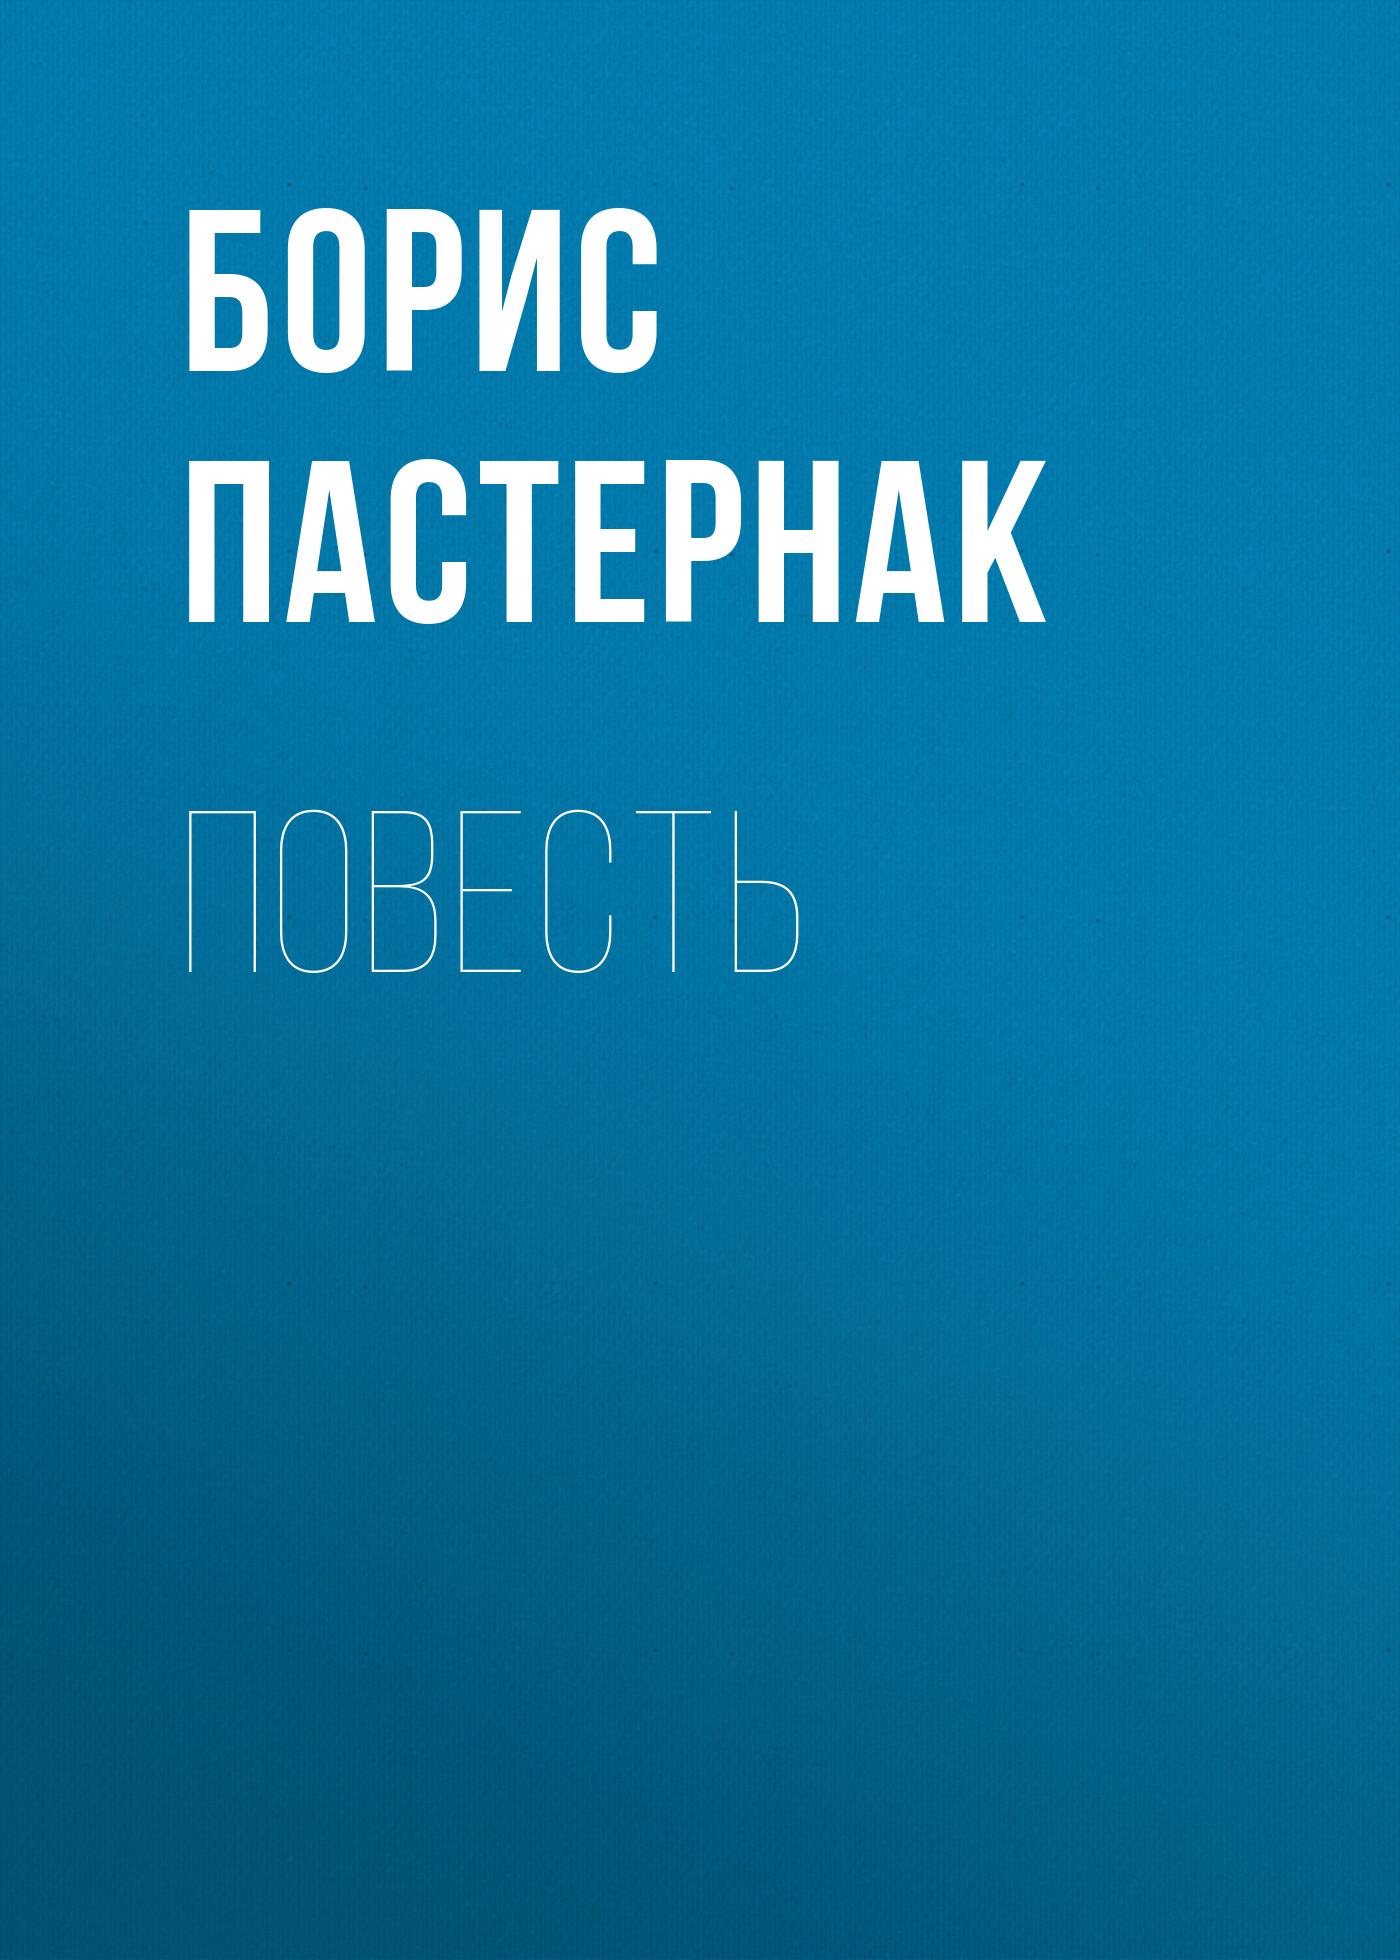 Борис Пастернак Повесть аполлинер гийом убиенный поэт повести